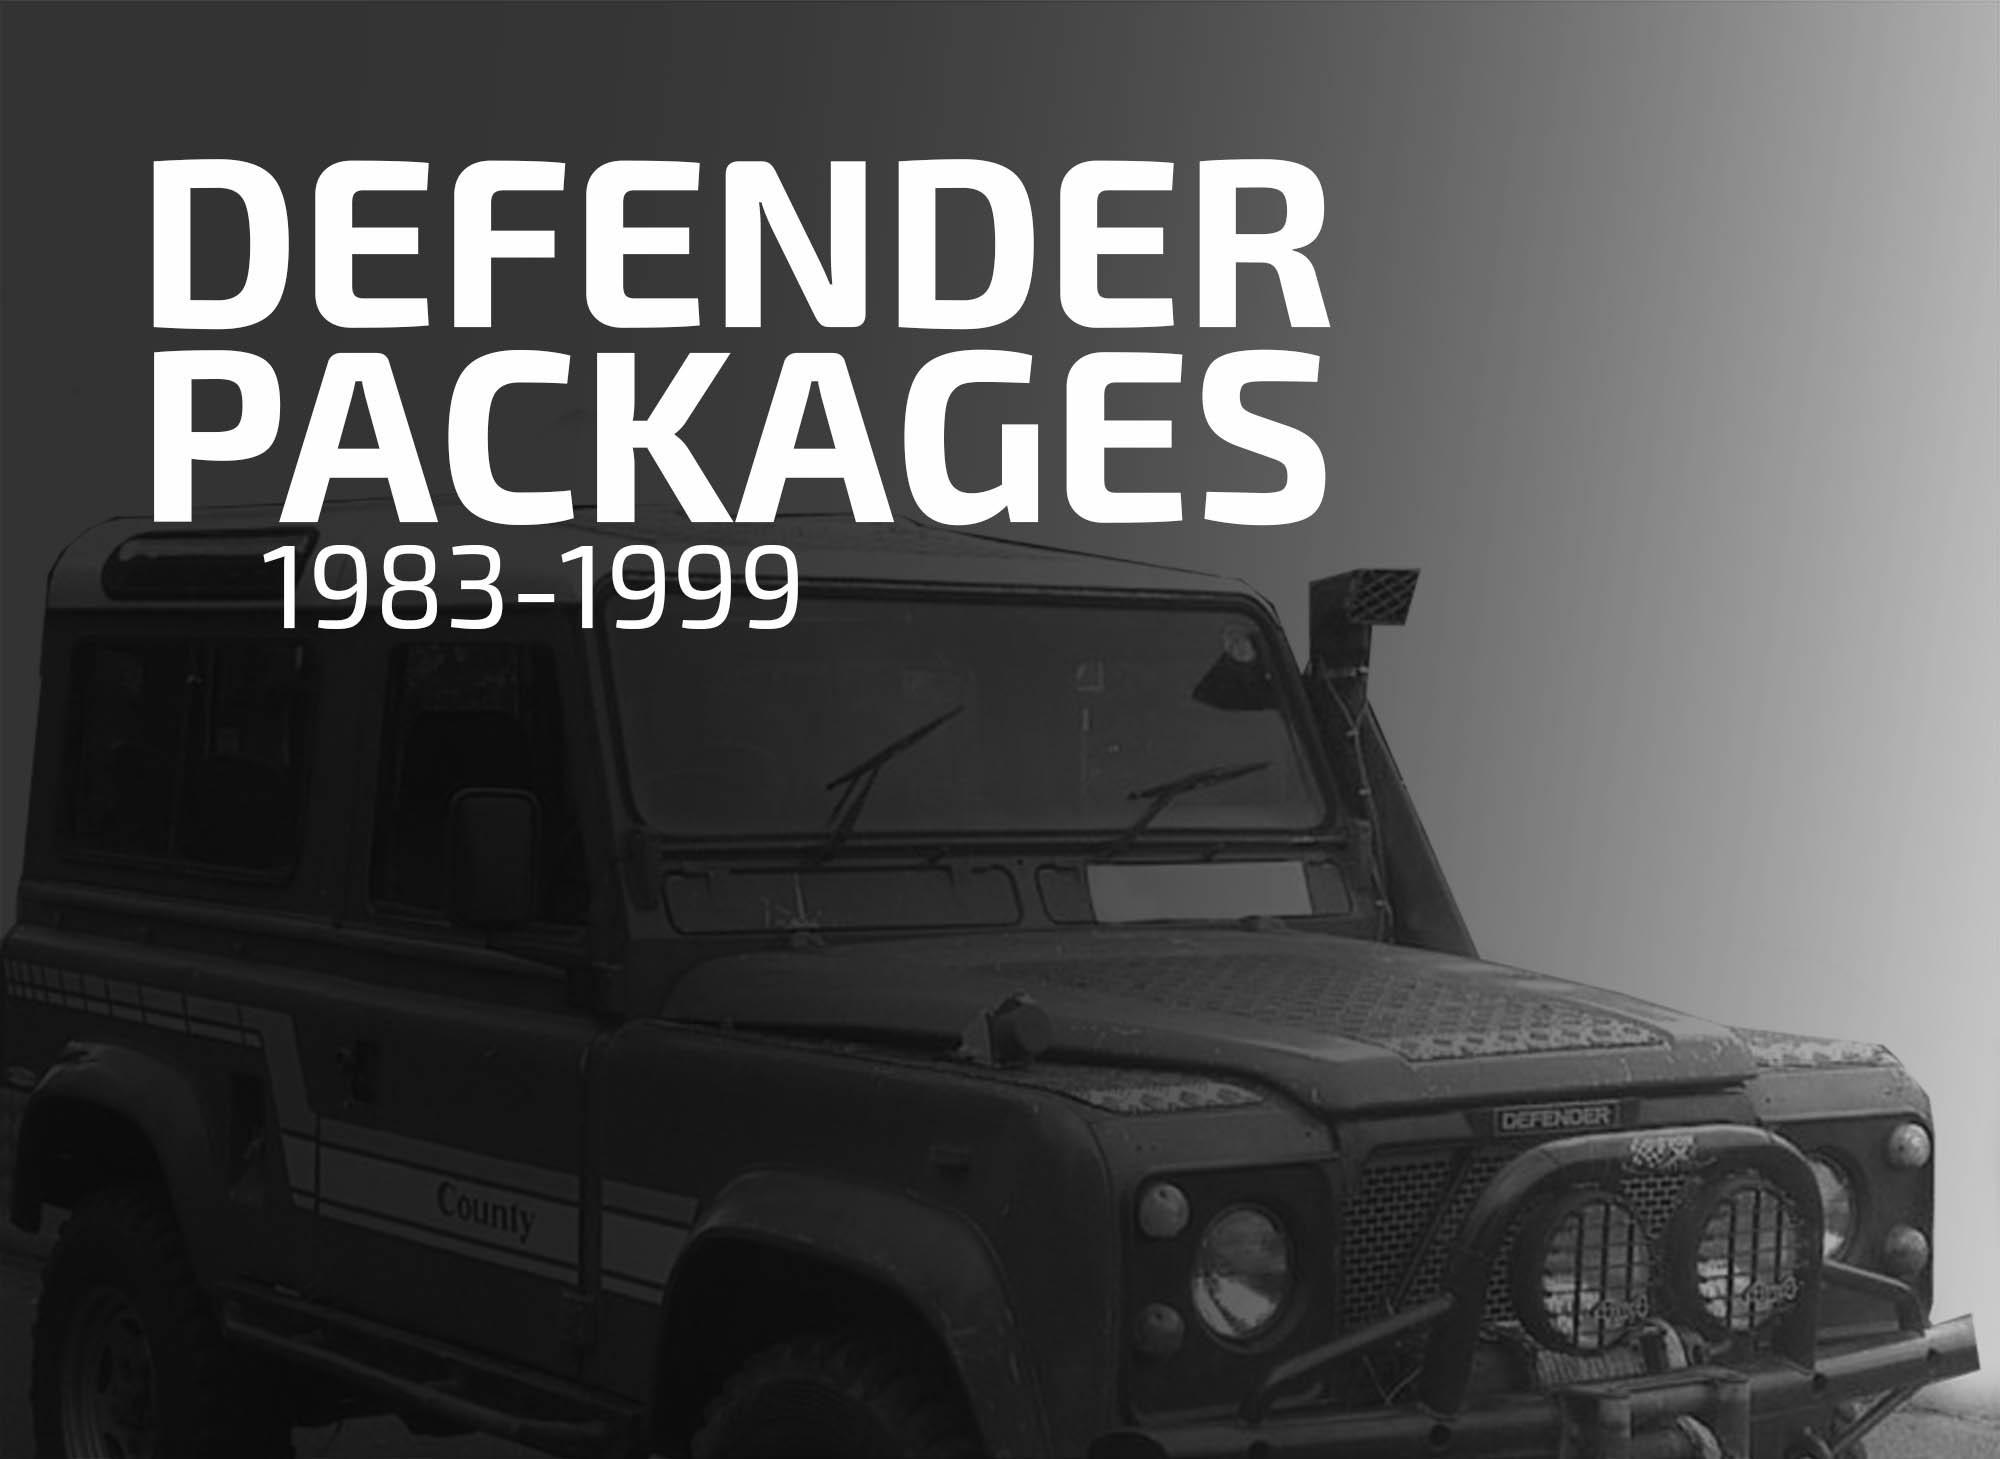 Defender Packages